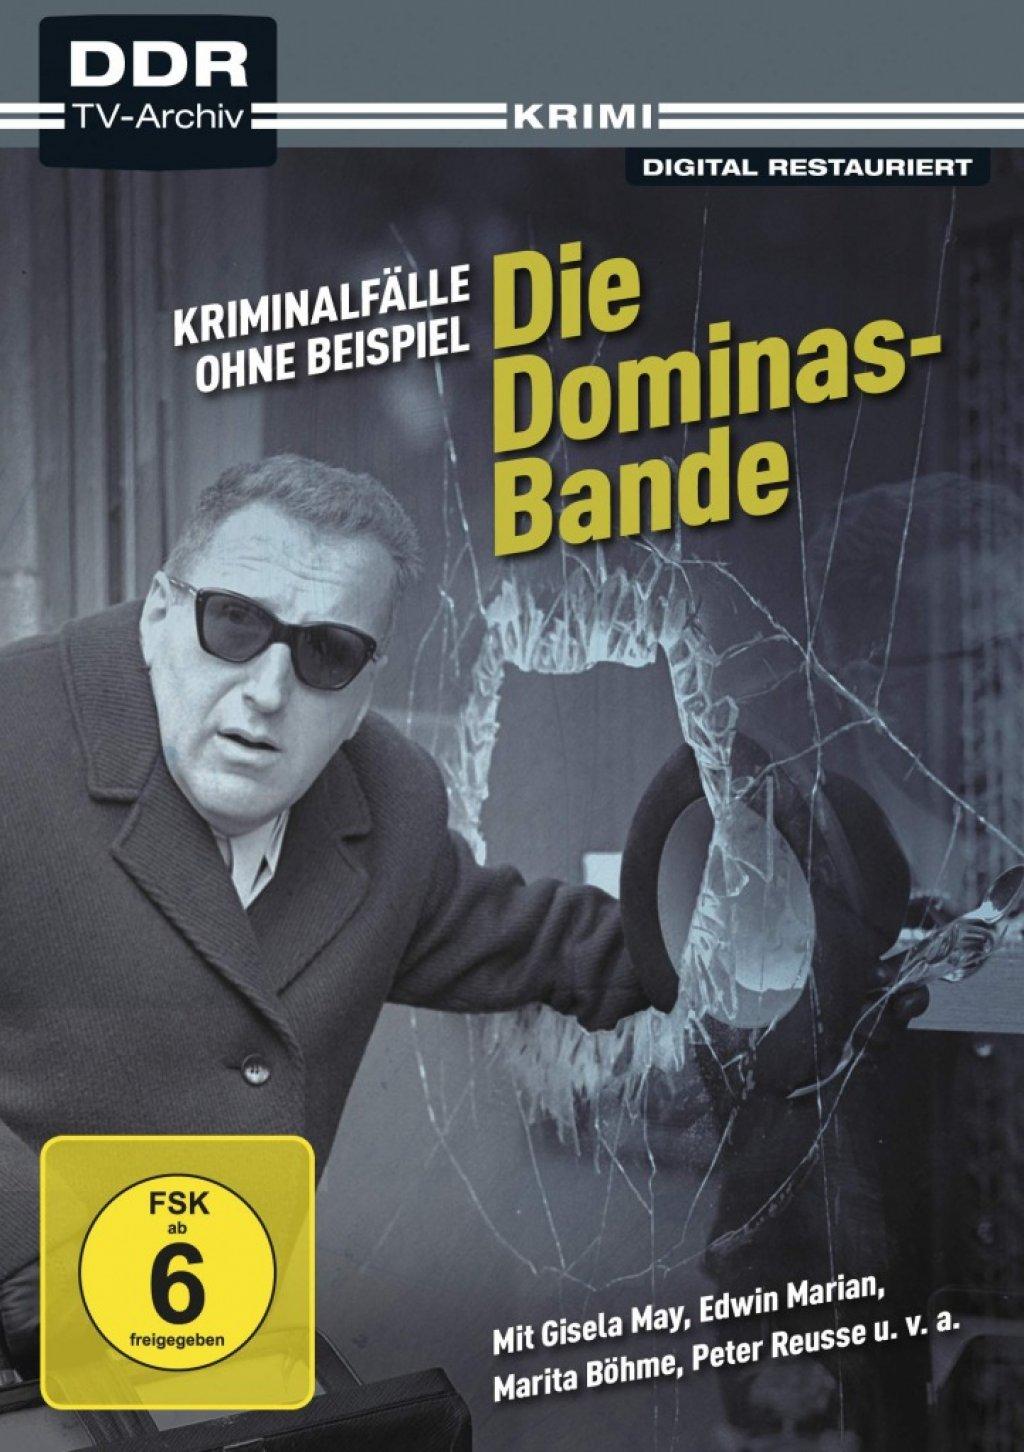 Kriminalfälle ohne Beispiel - Die Dominas-Bande - DDR TV-Archiv (DVD)